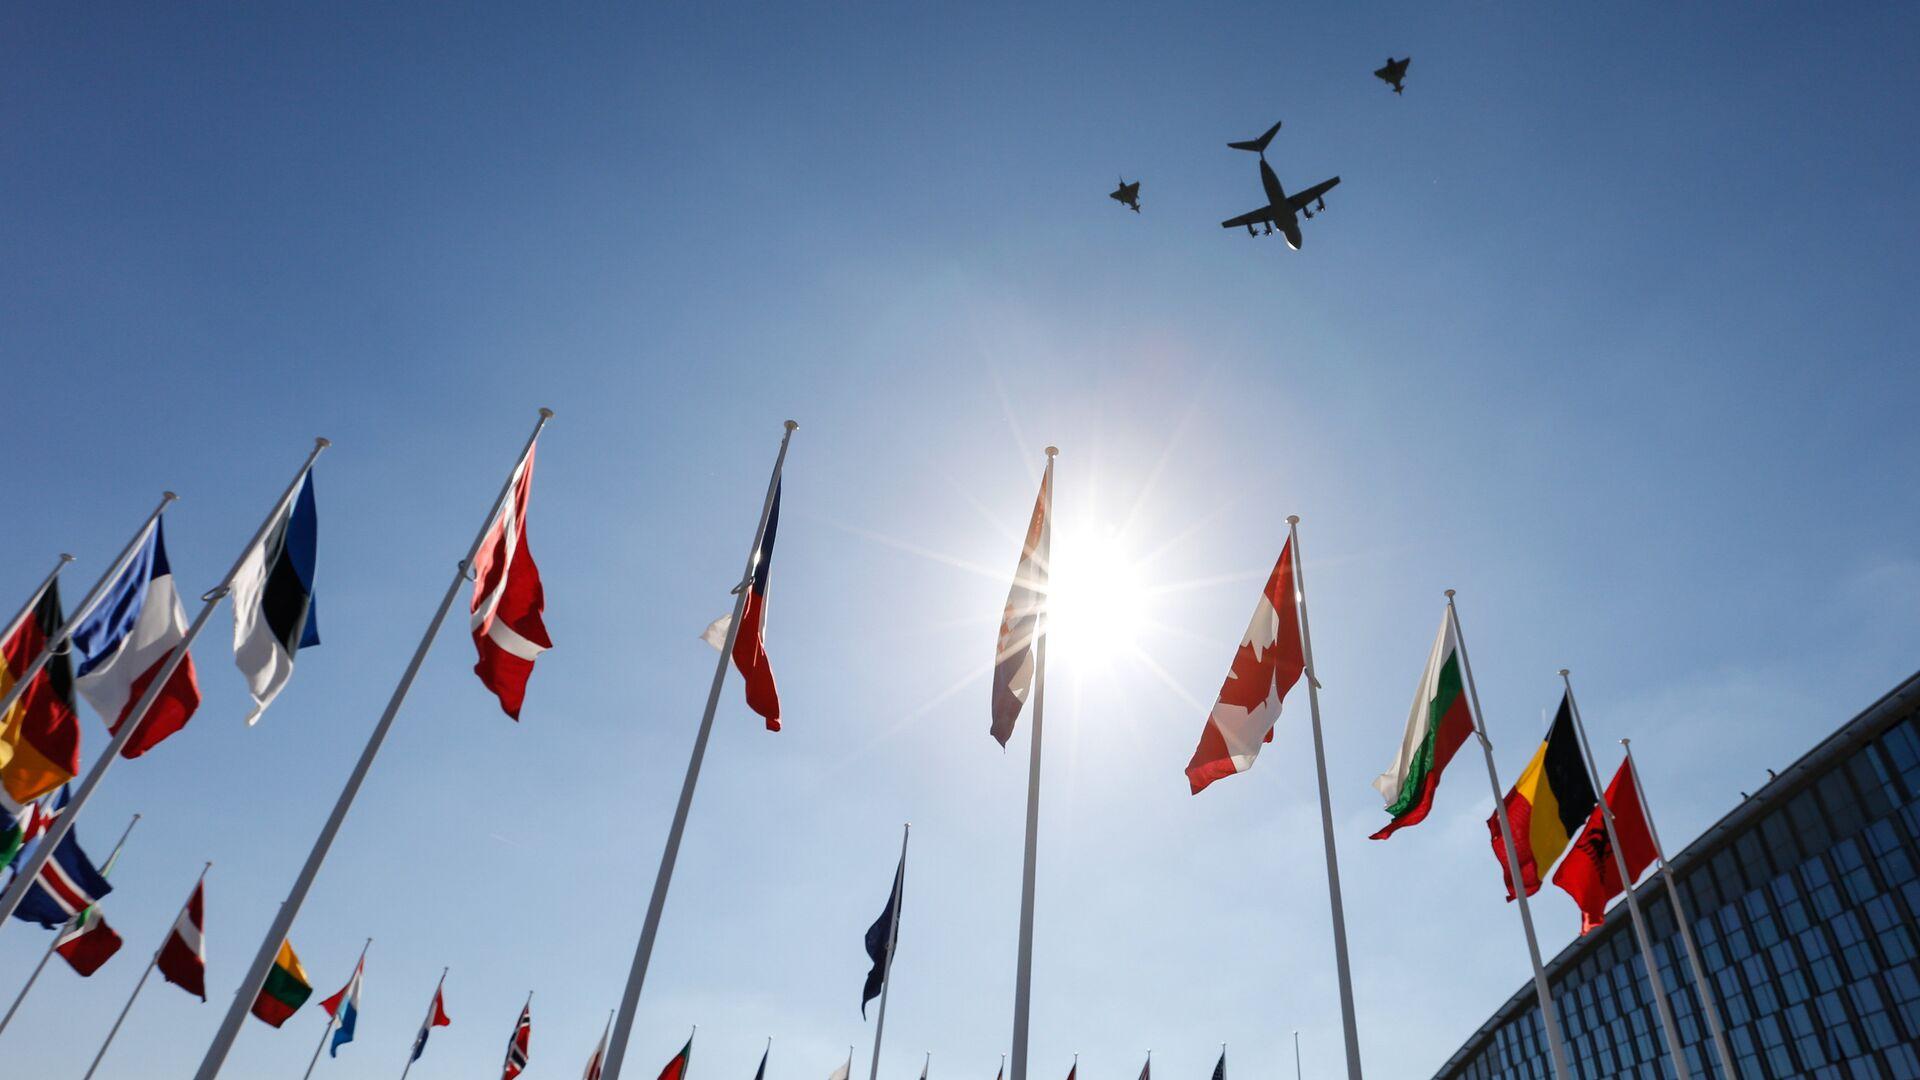 Флаги стран-участниц на саммите НАТО в Брюсселе - РИА Новости, 1920, 25.03.2021